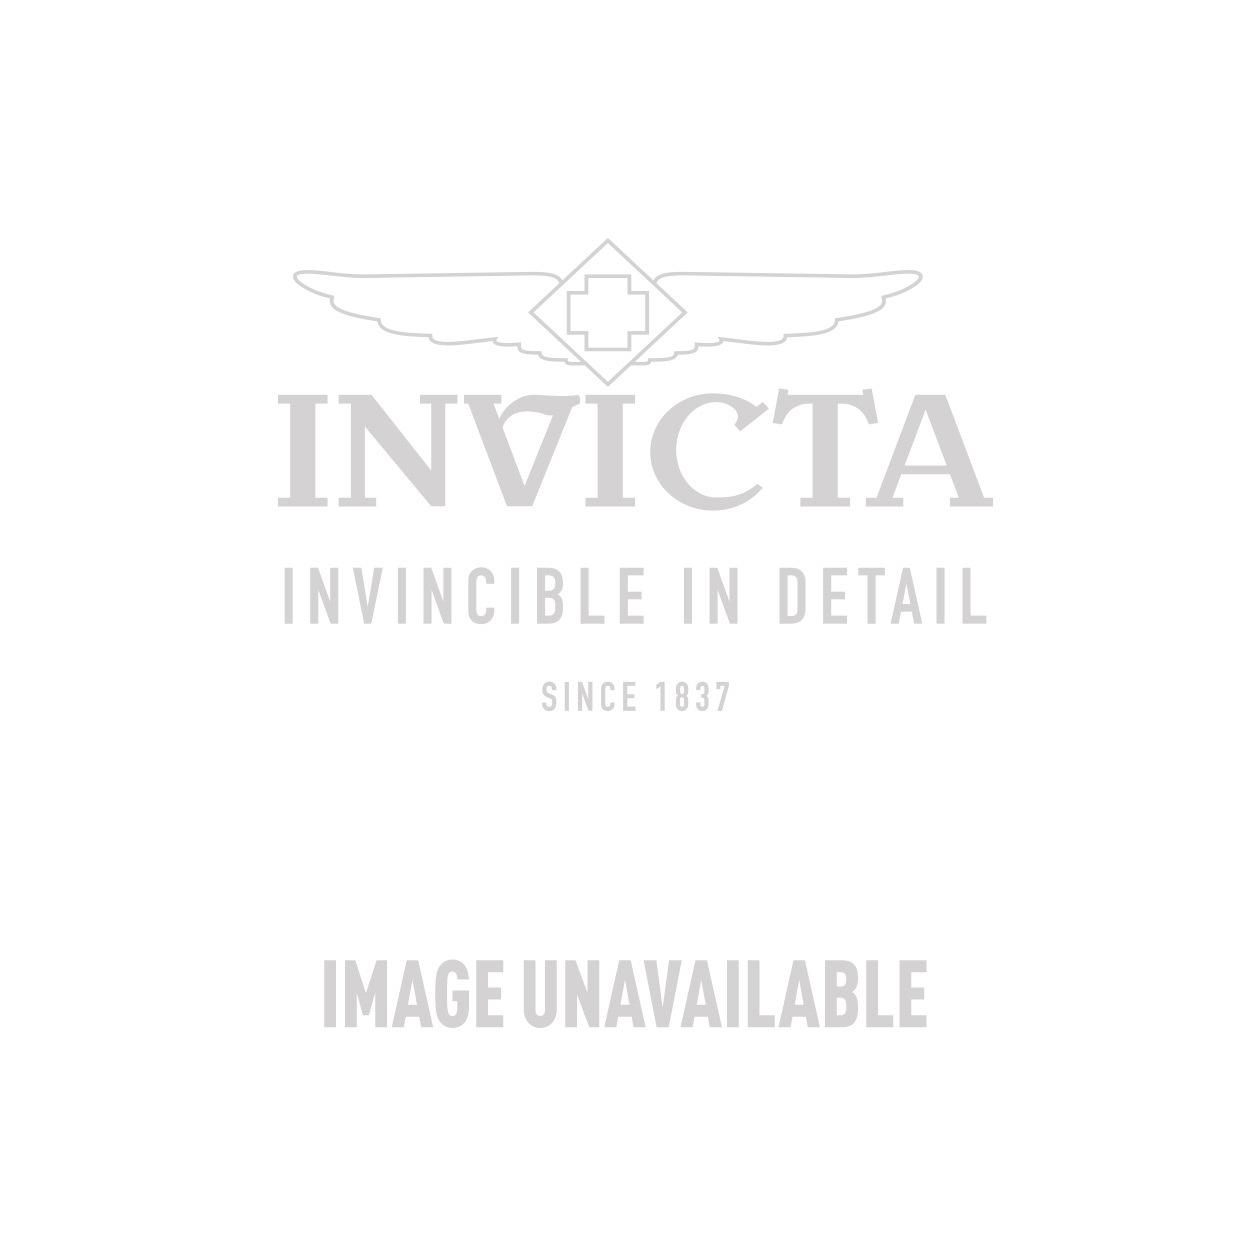 Invicta Model 25368